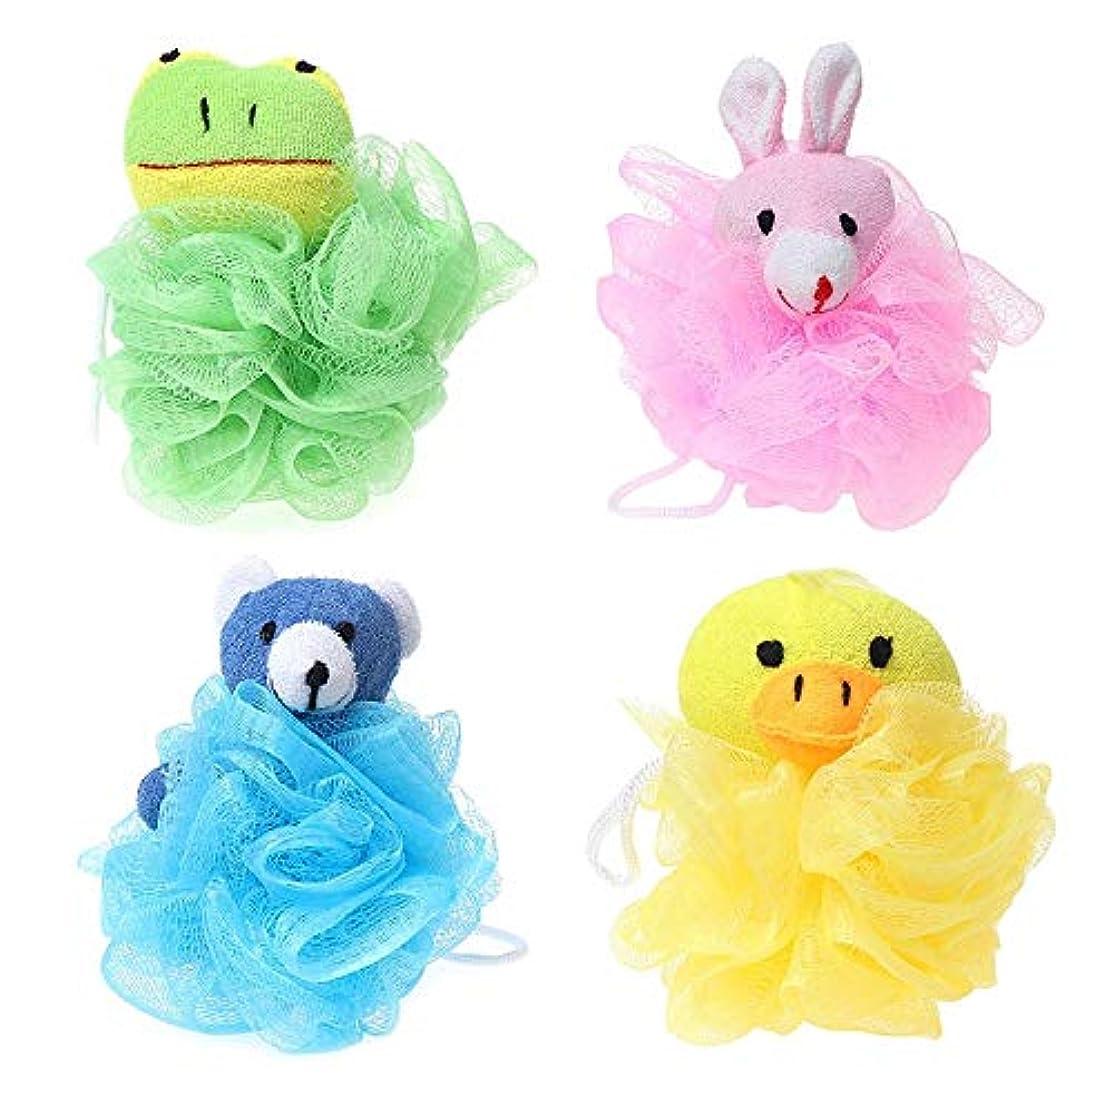 まぶしさ無人アカウントGaoominy 子供用おもちゃクッションパフメッシュぬいぐるみ付き(4パック)カエル、アヒル、ウサギ、クマ